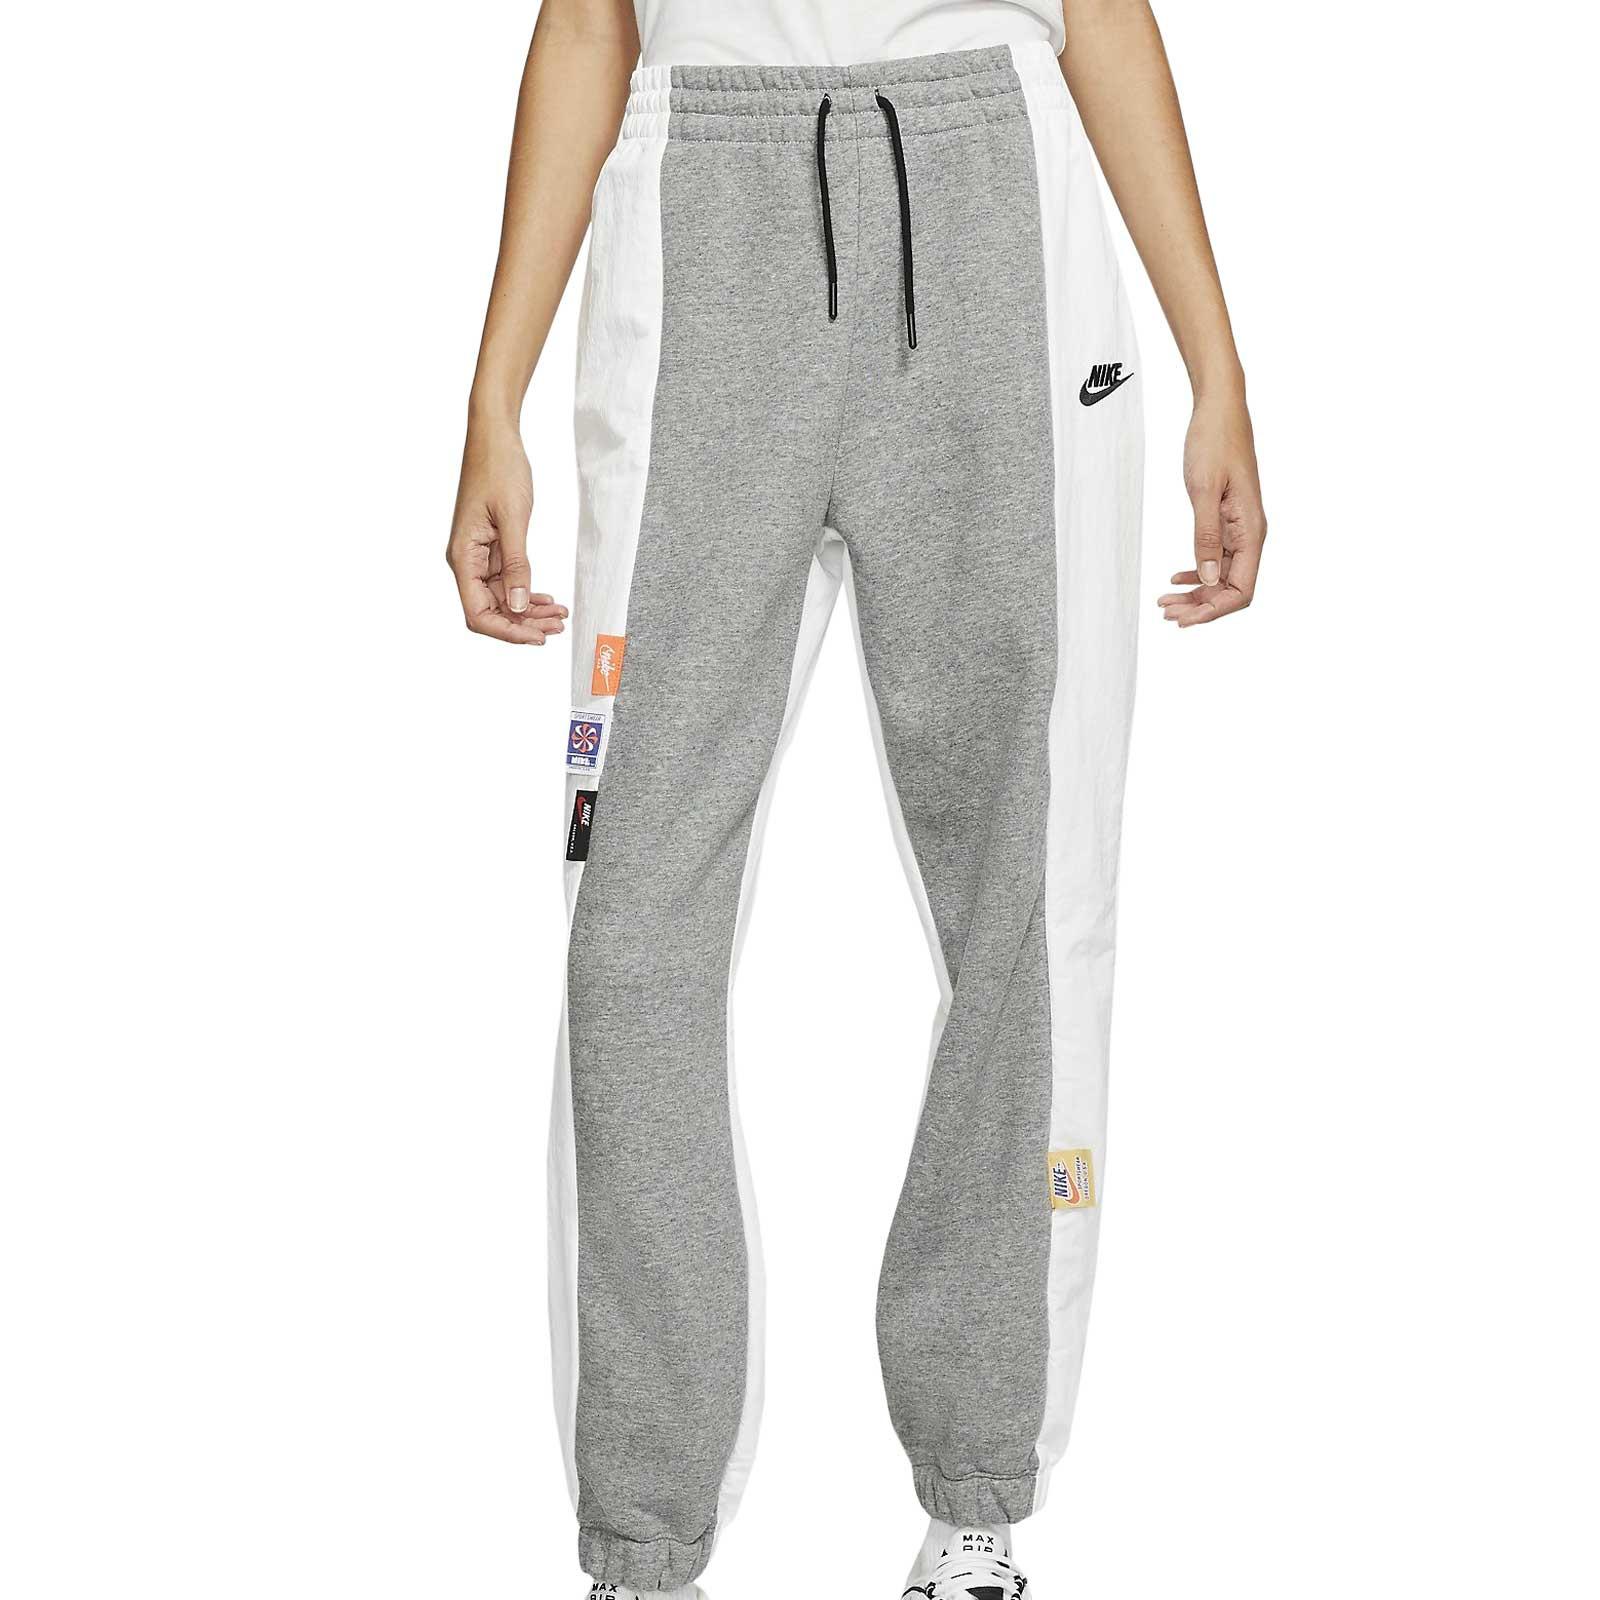 ماكينة الخياطة مثل هذا أينما Pantalones Nike Grises Nike Mujer Cabuildingbridges Org